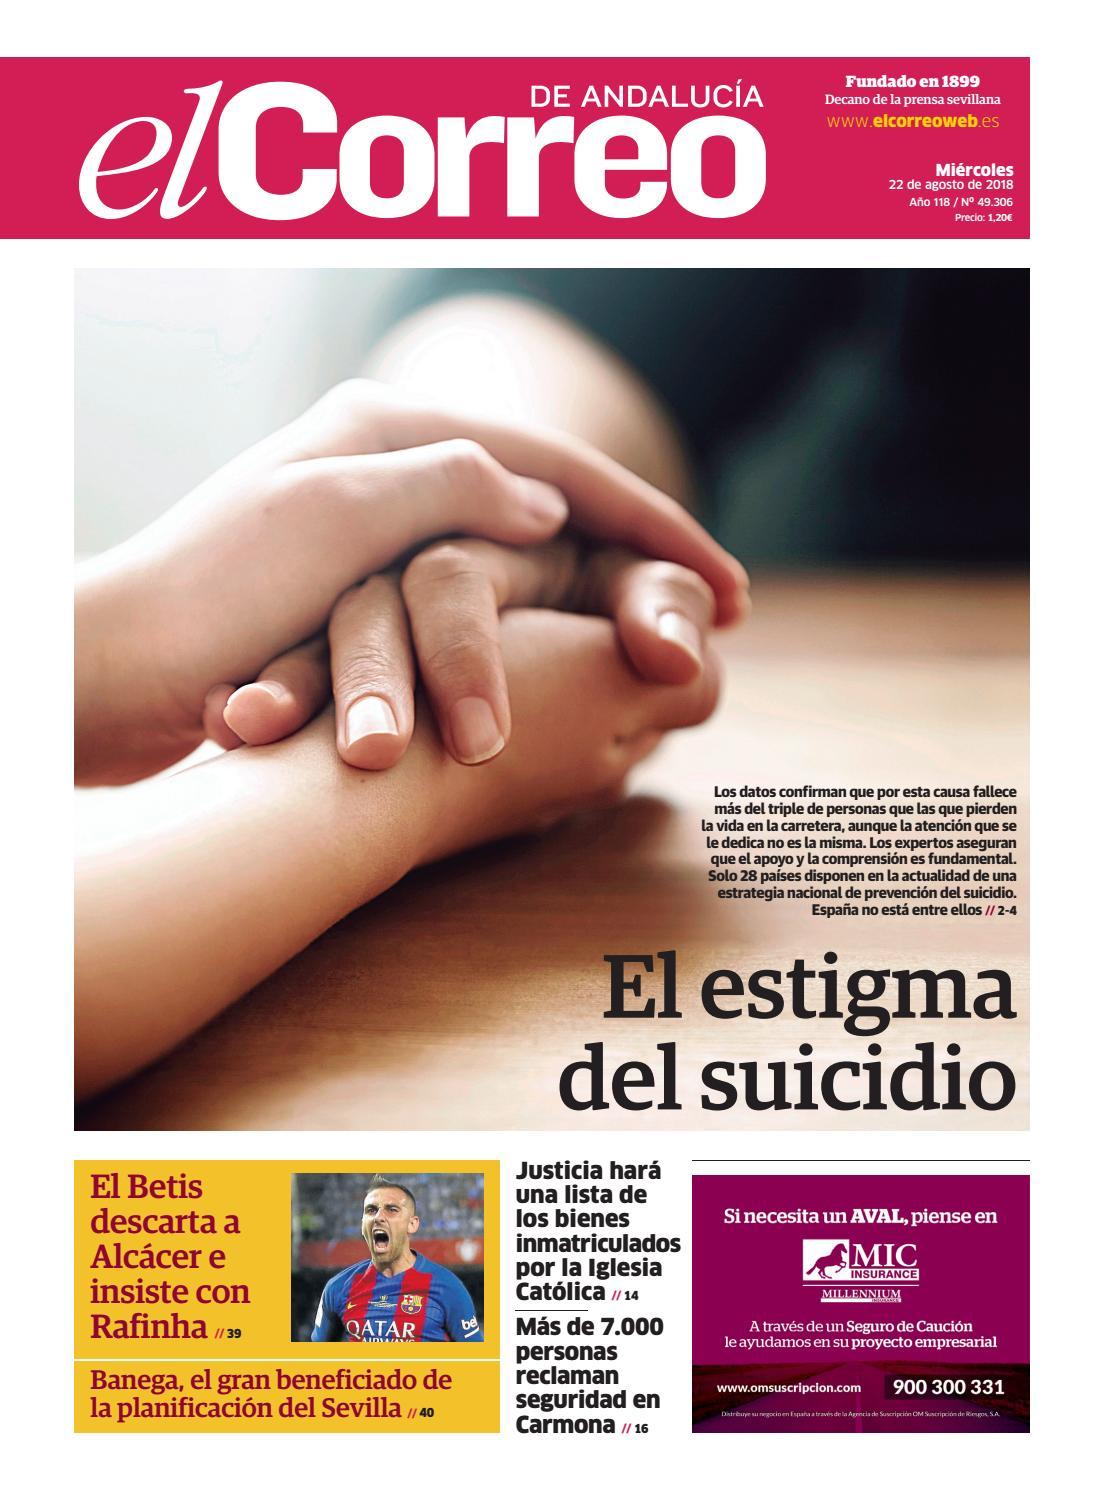 22.08.2018 El Correo de Andalucía by EL CORREO DE ANDALUCÍA S.L. - issuu